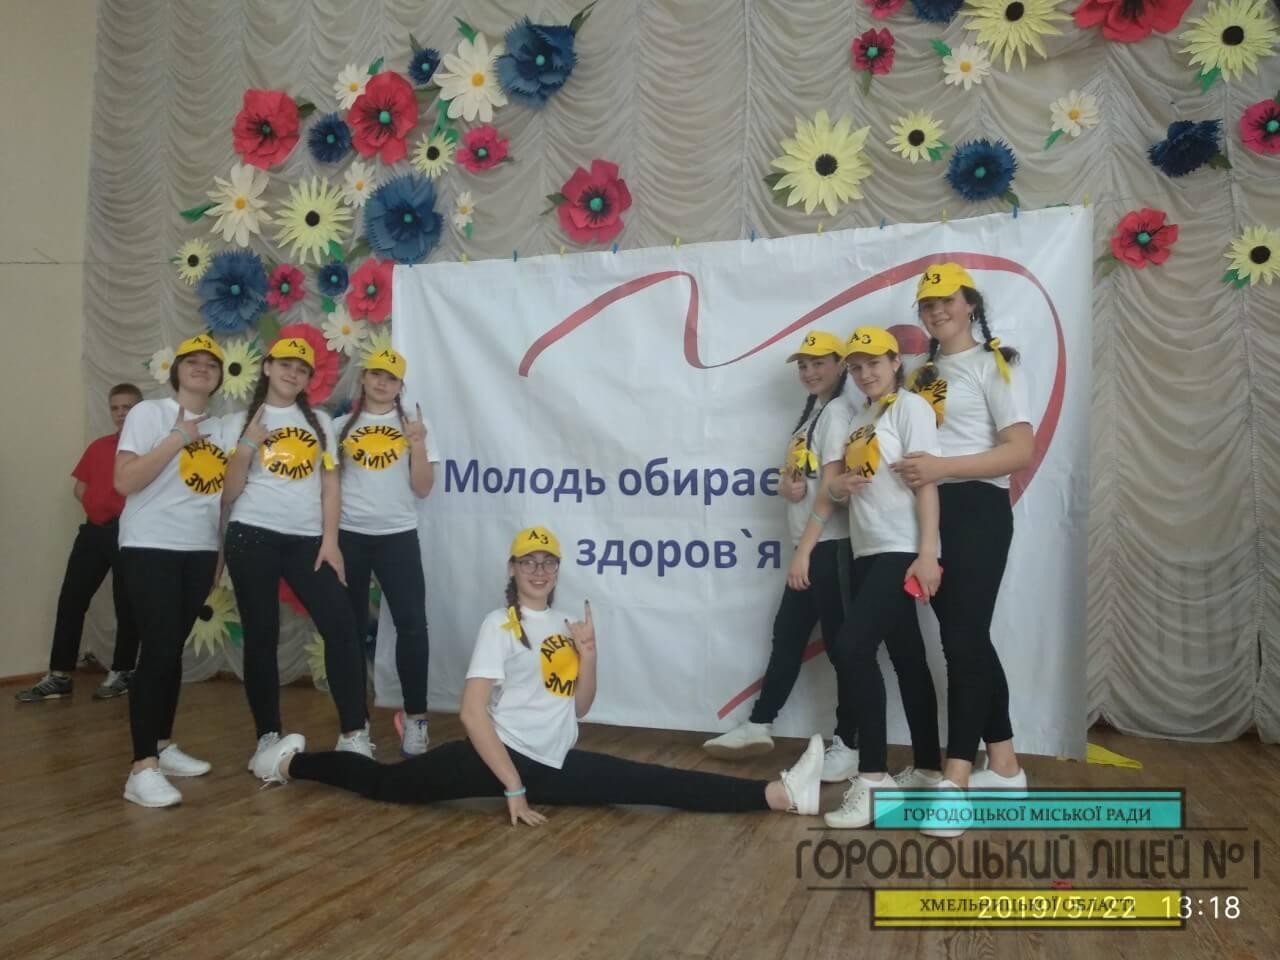 zobrazhennya viber 2019 05 22 17 59 49 - Обласний фестиваль-конкурс «Молодь обирає здоров'я»